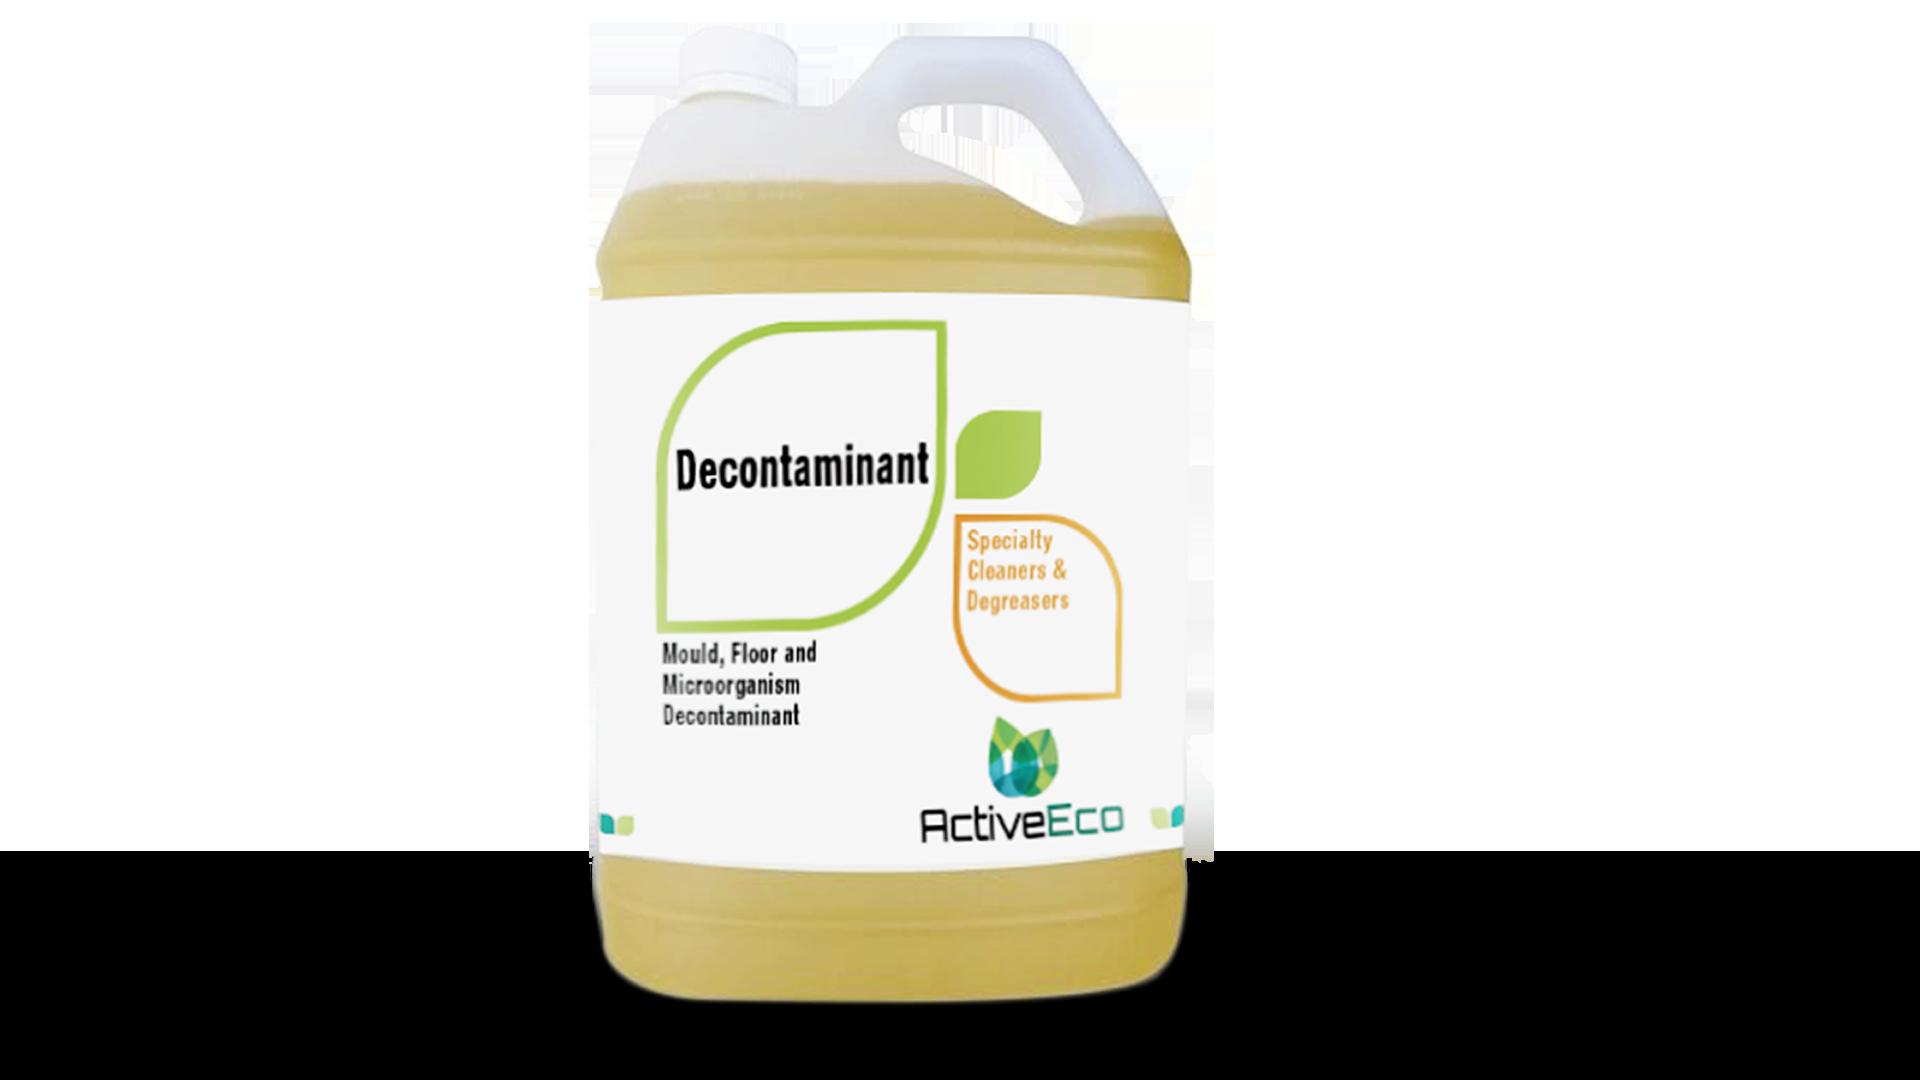 Decontaminant1